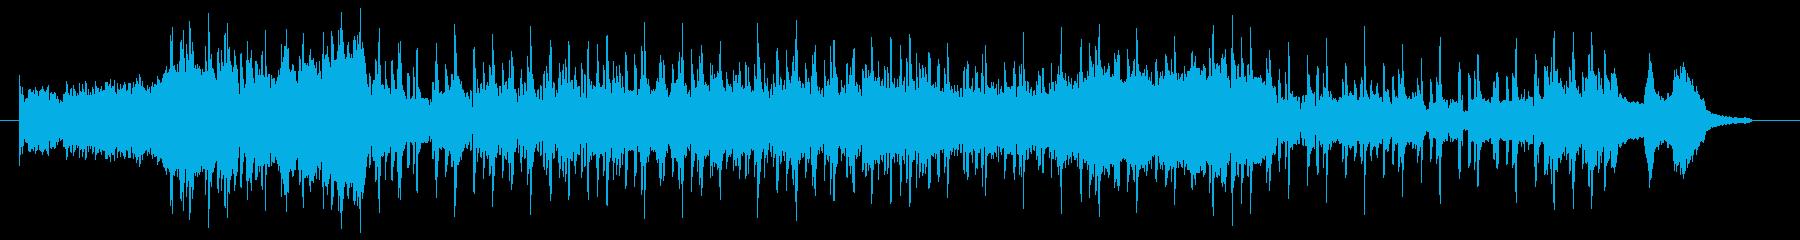 切り替えのシーンで使える曲調の再生済みの波形